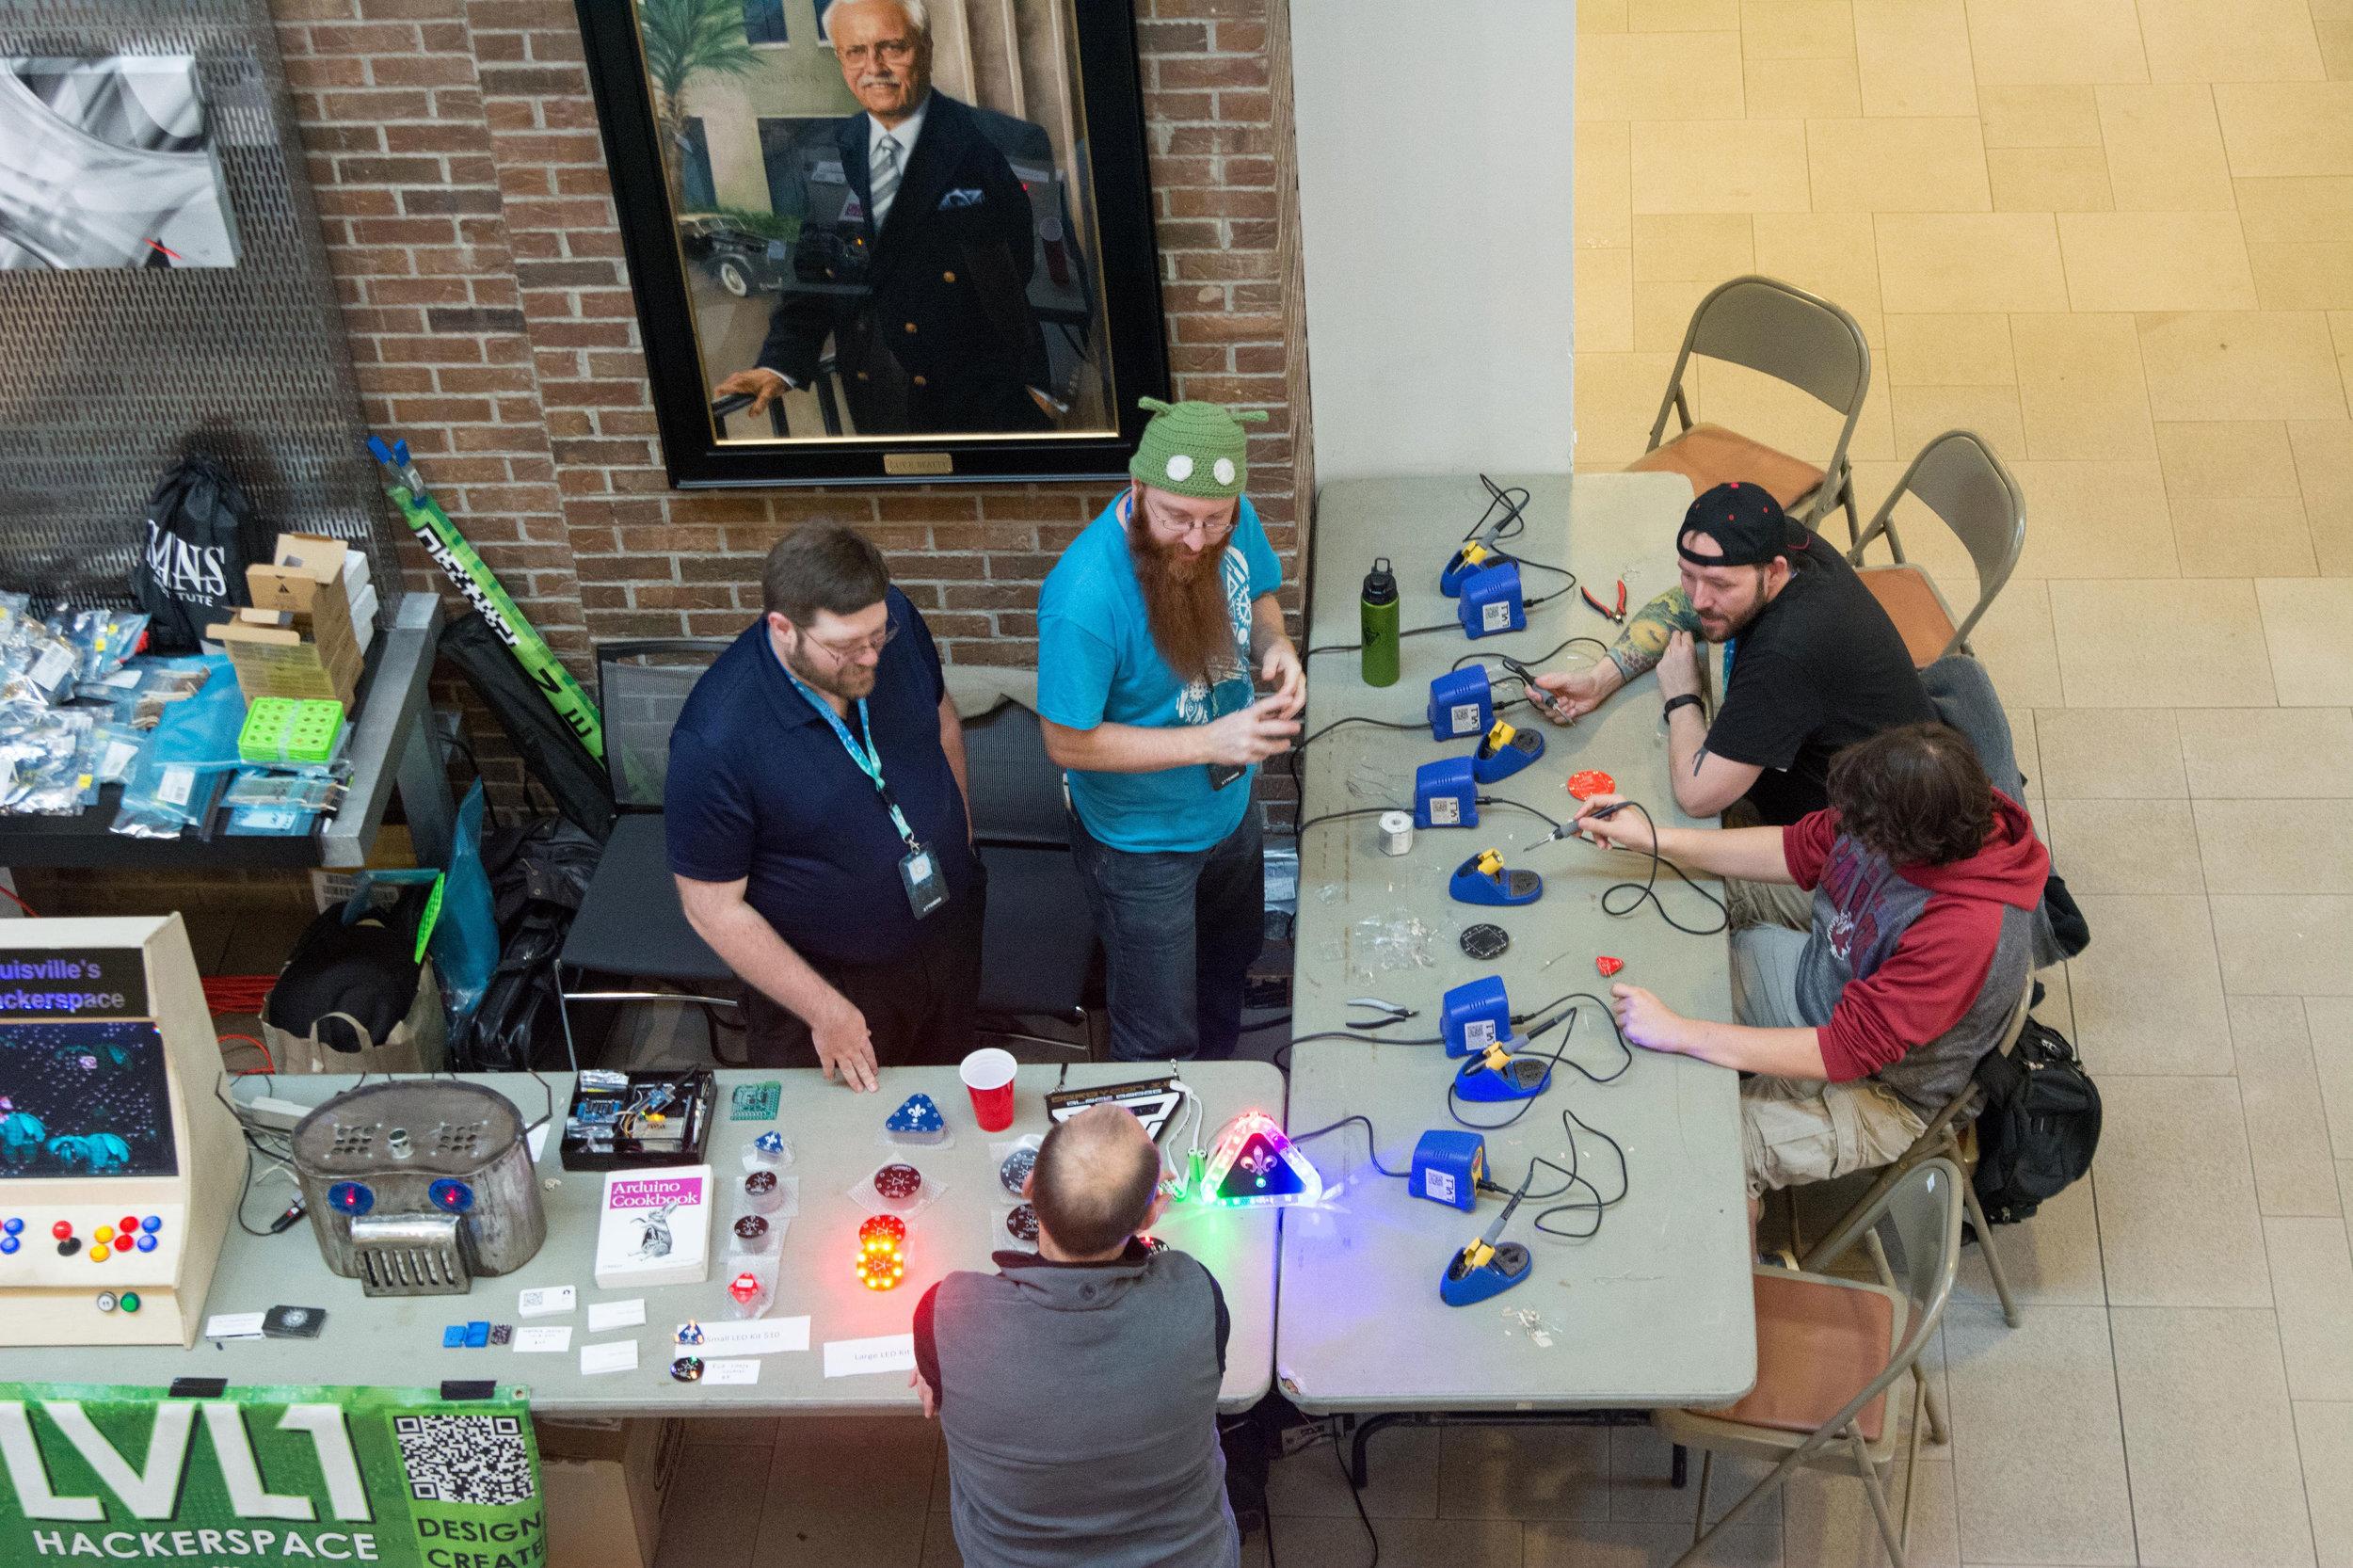 Blinky Blink teaching soldering at BSidesCHS